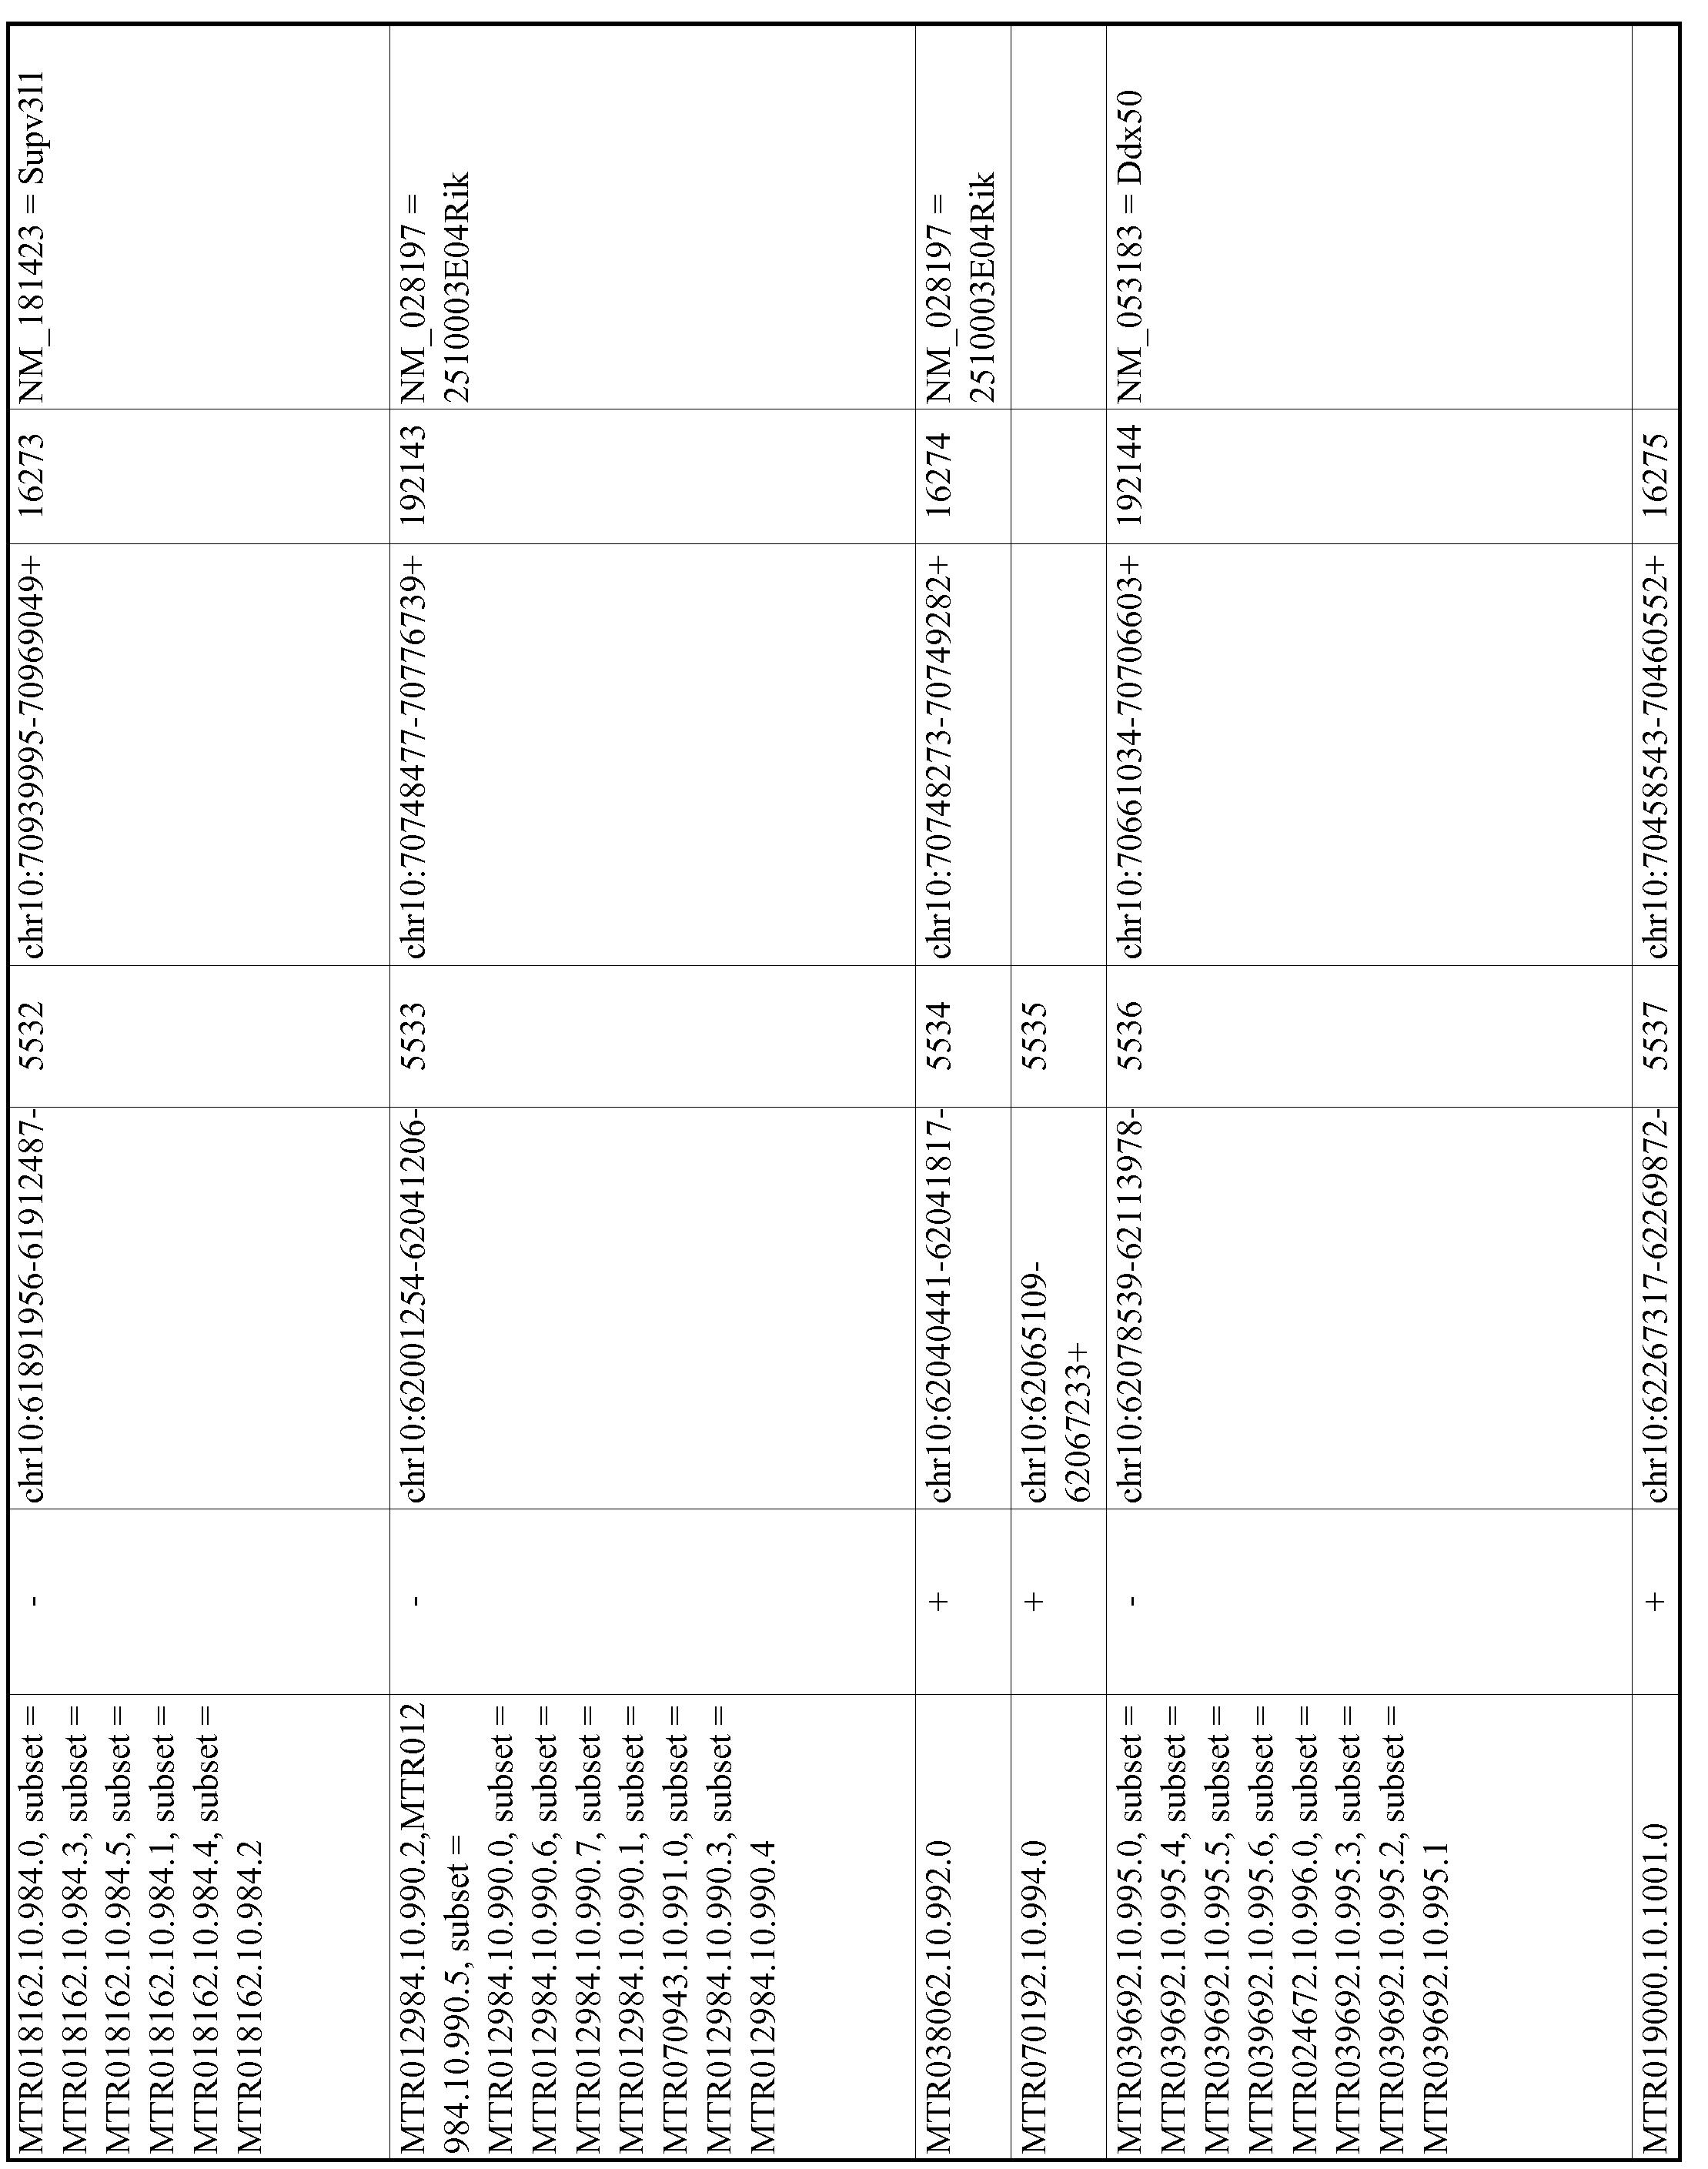 Figure imgf000994_0001